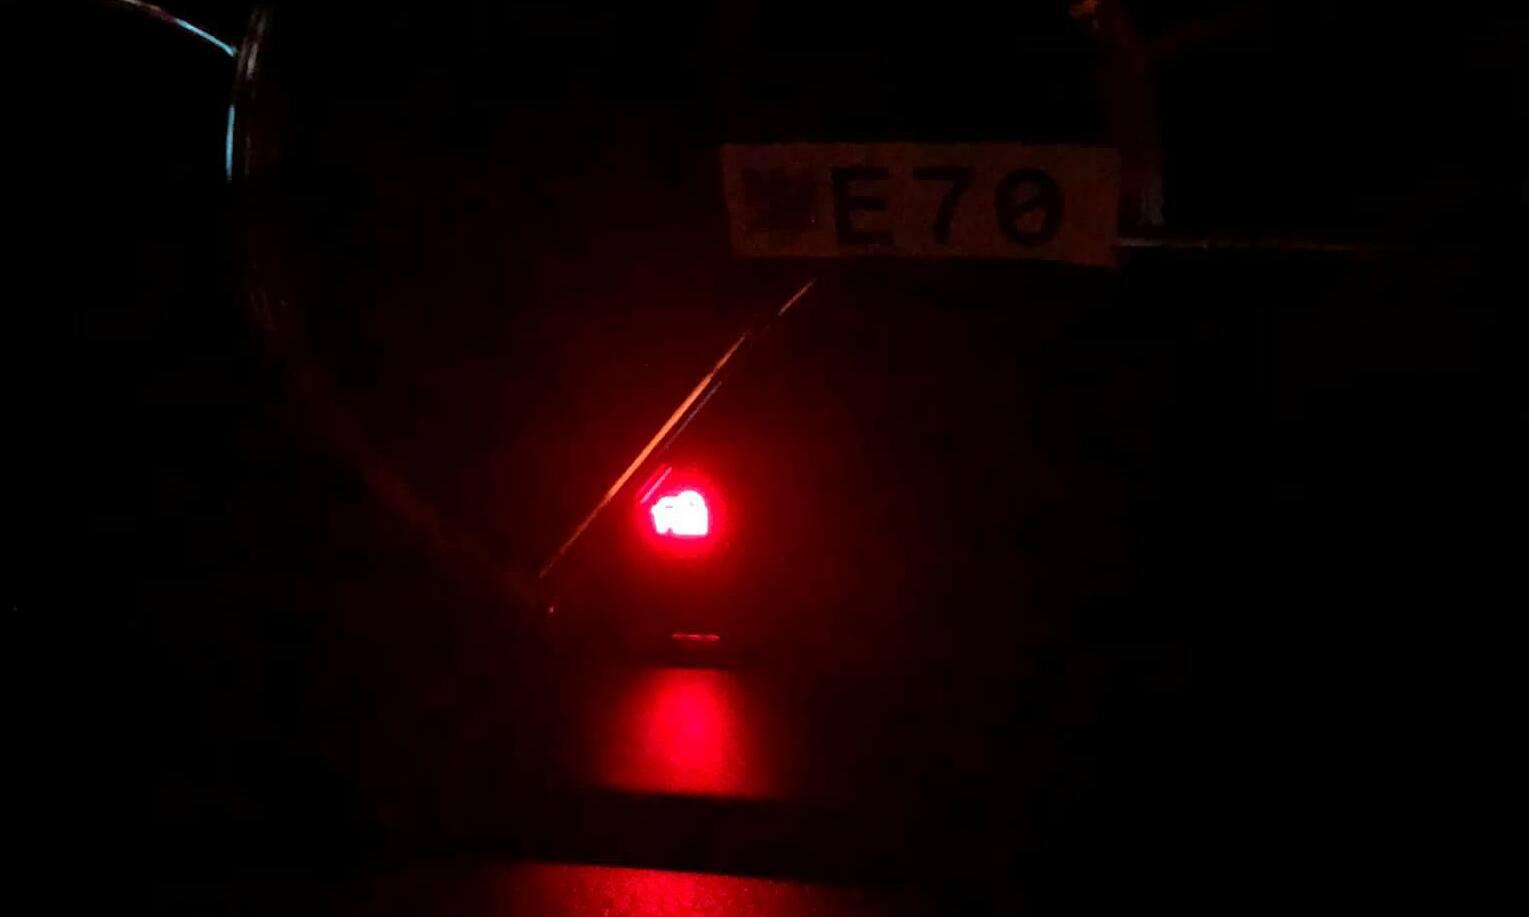 Đèn báo vẫn đỏ sau khi tắt máy?